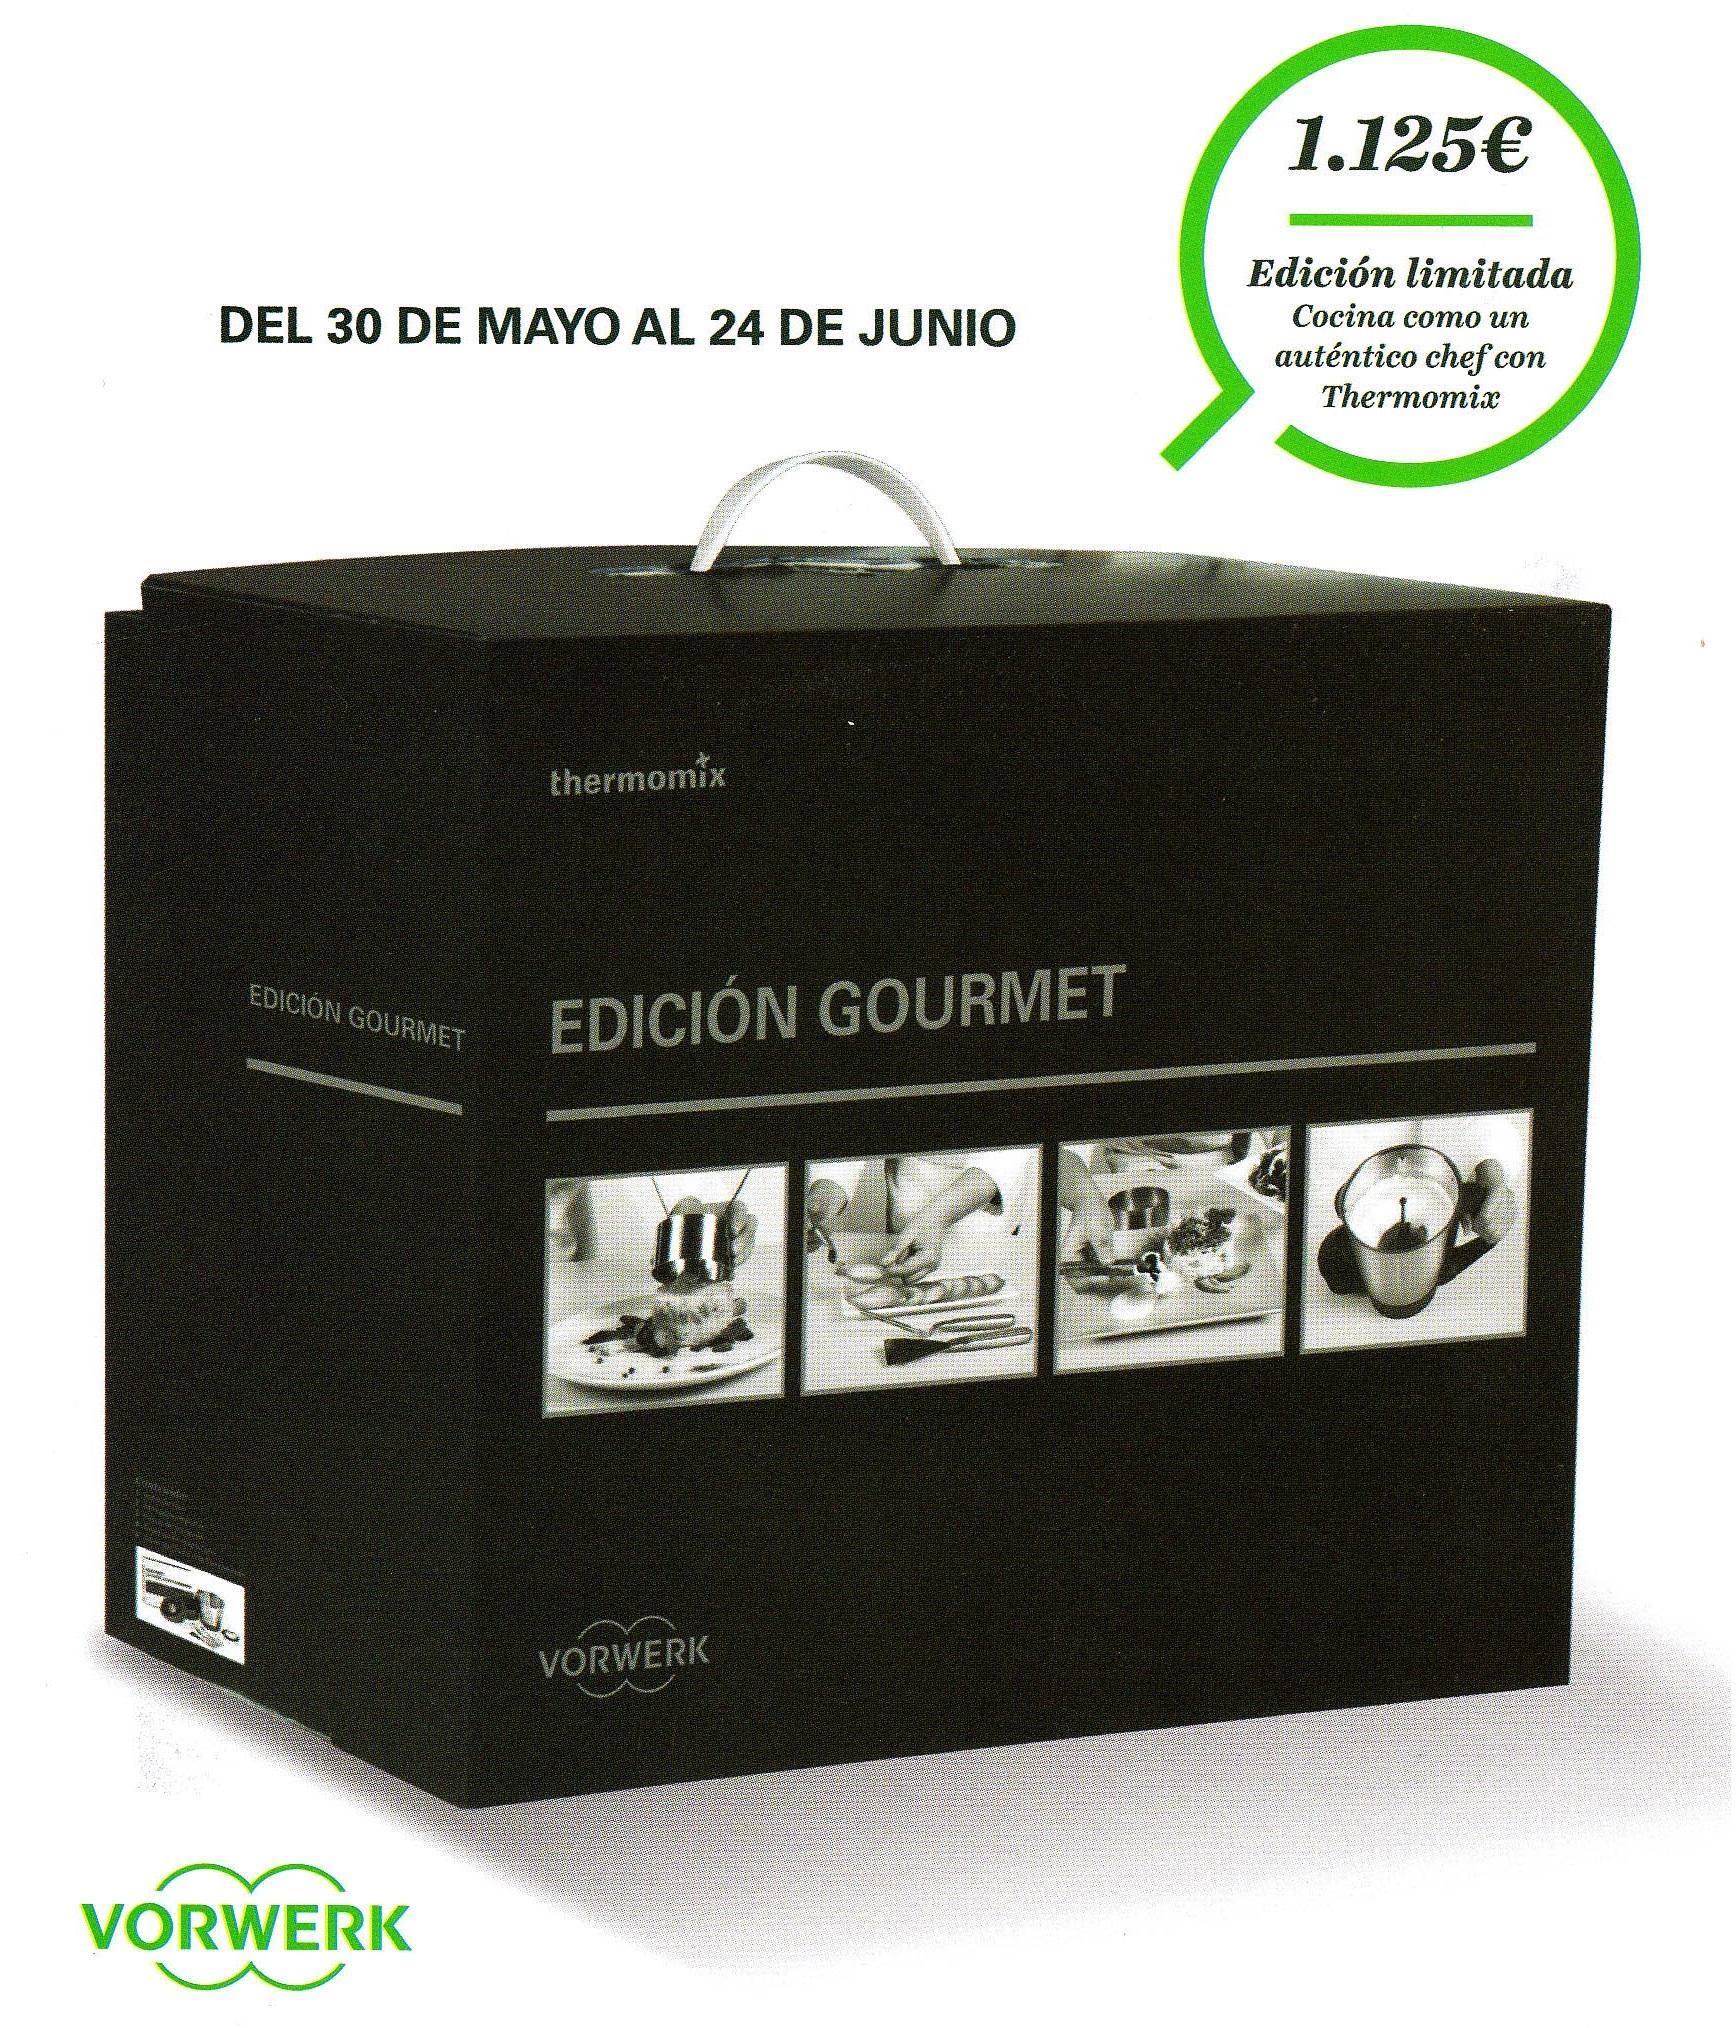 Edición Gourmet